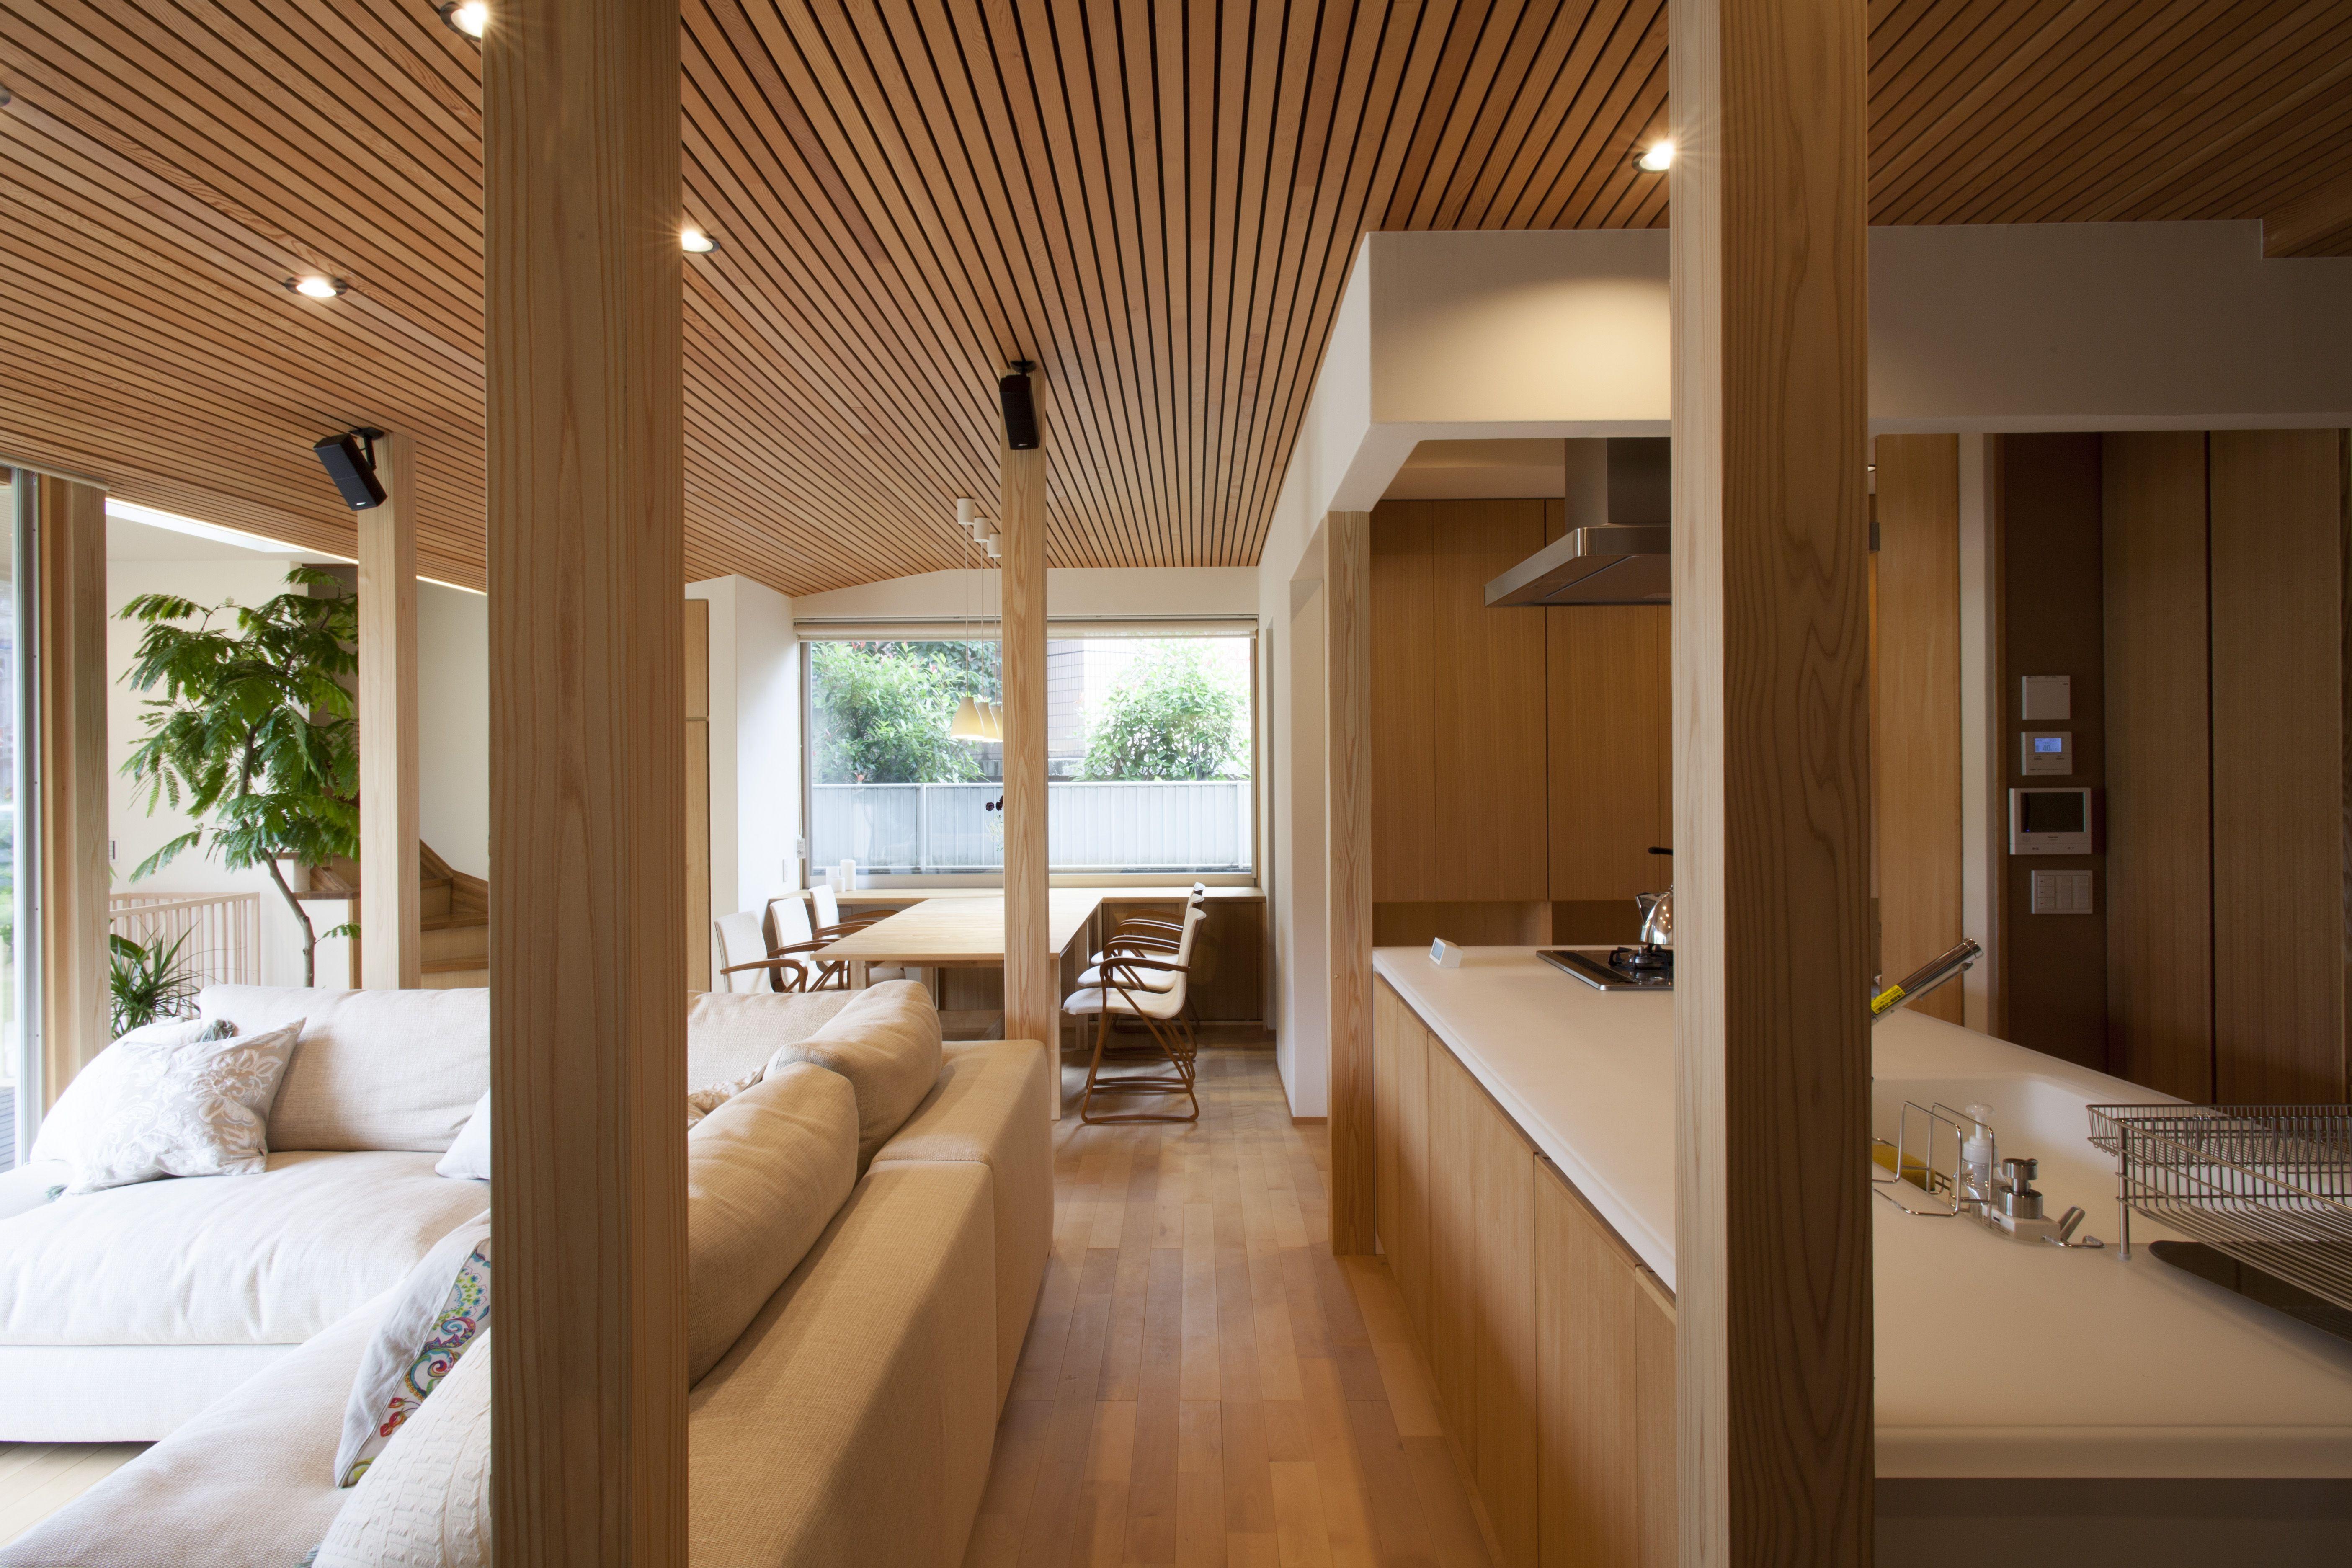 南林間の家リノベーション リノベーション 家 住宅